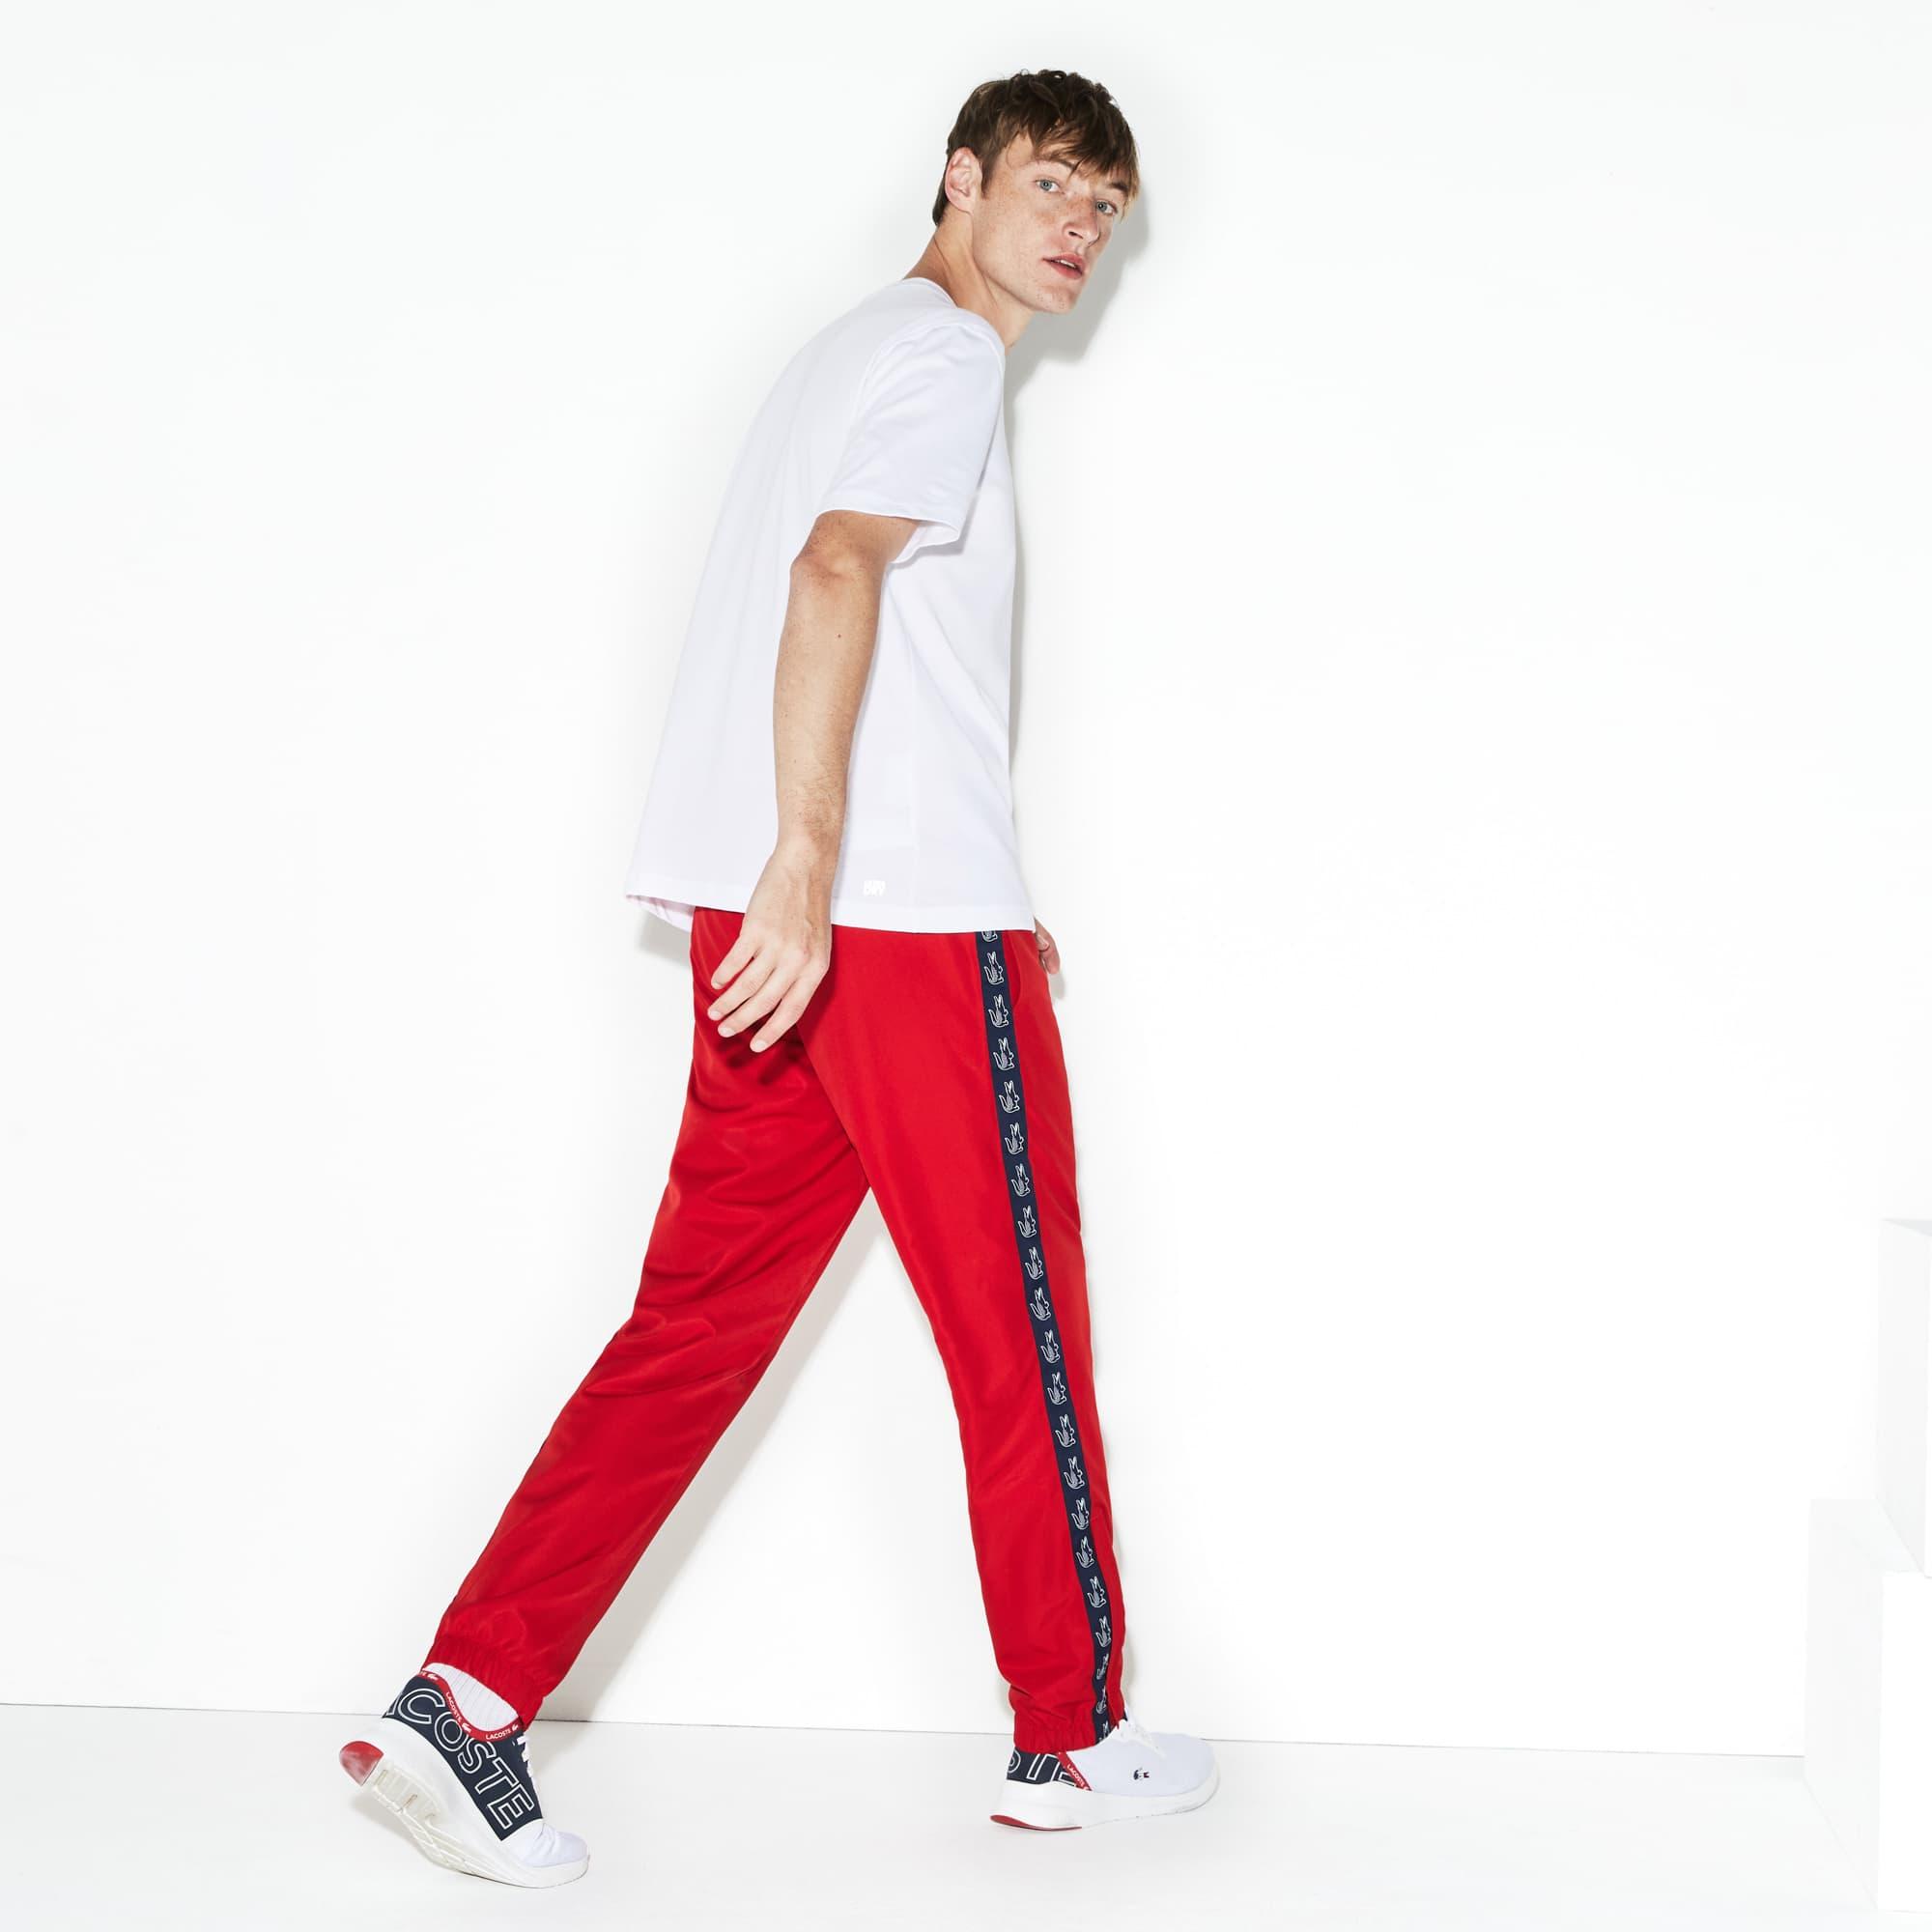 Imprimée Sport Avec De Lacoste Tennis Pantalon Survêtement Bande XgqIw0W